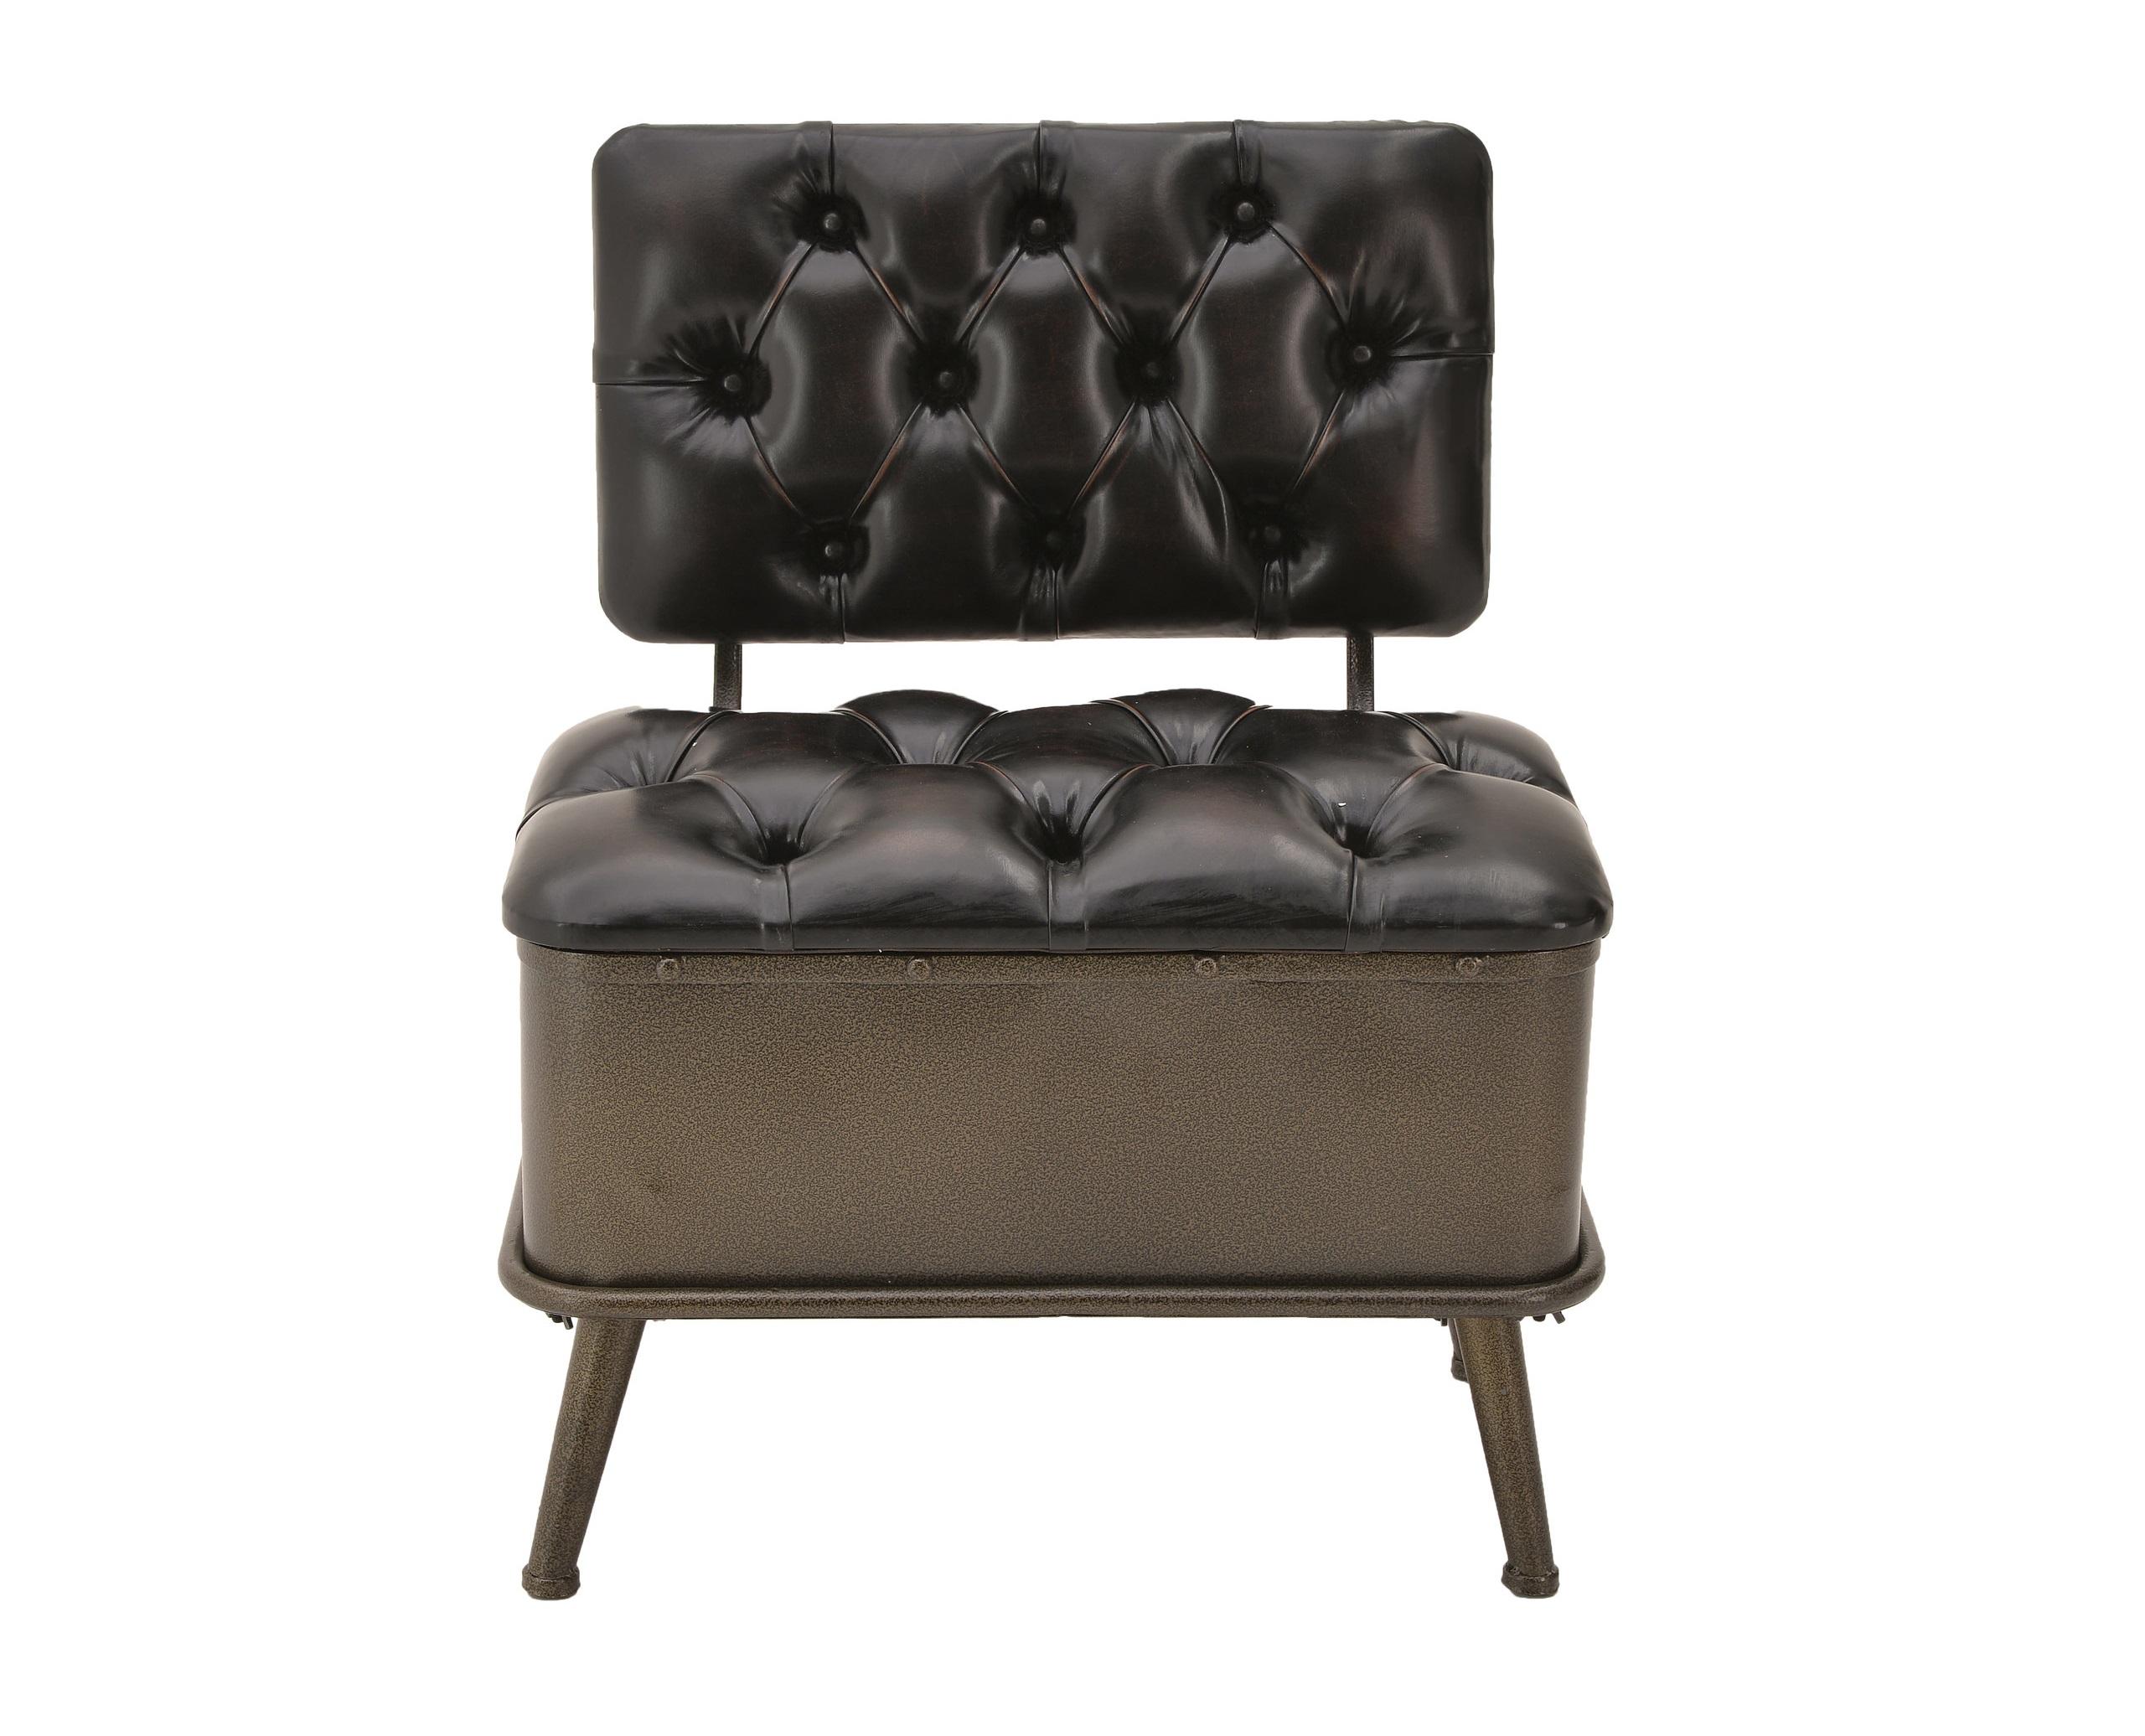 Кресло-сундук BrodoКожаные кресла<br><br><br>Material: Кожа<br>Length см: None<br>Width см: 60<br>Depth см: 45<br>Height см: 75